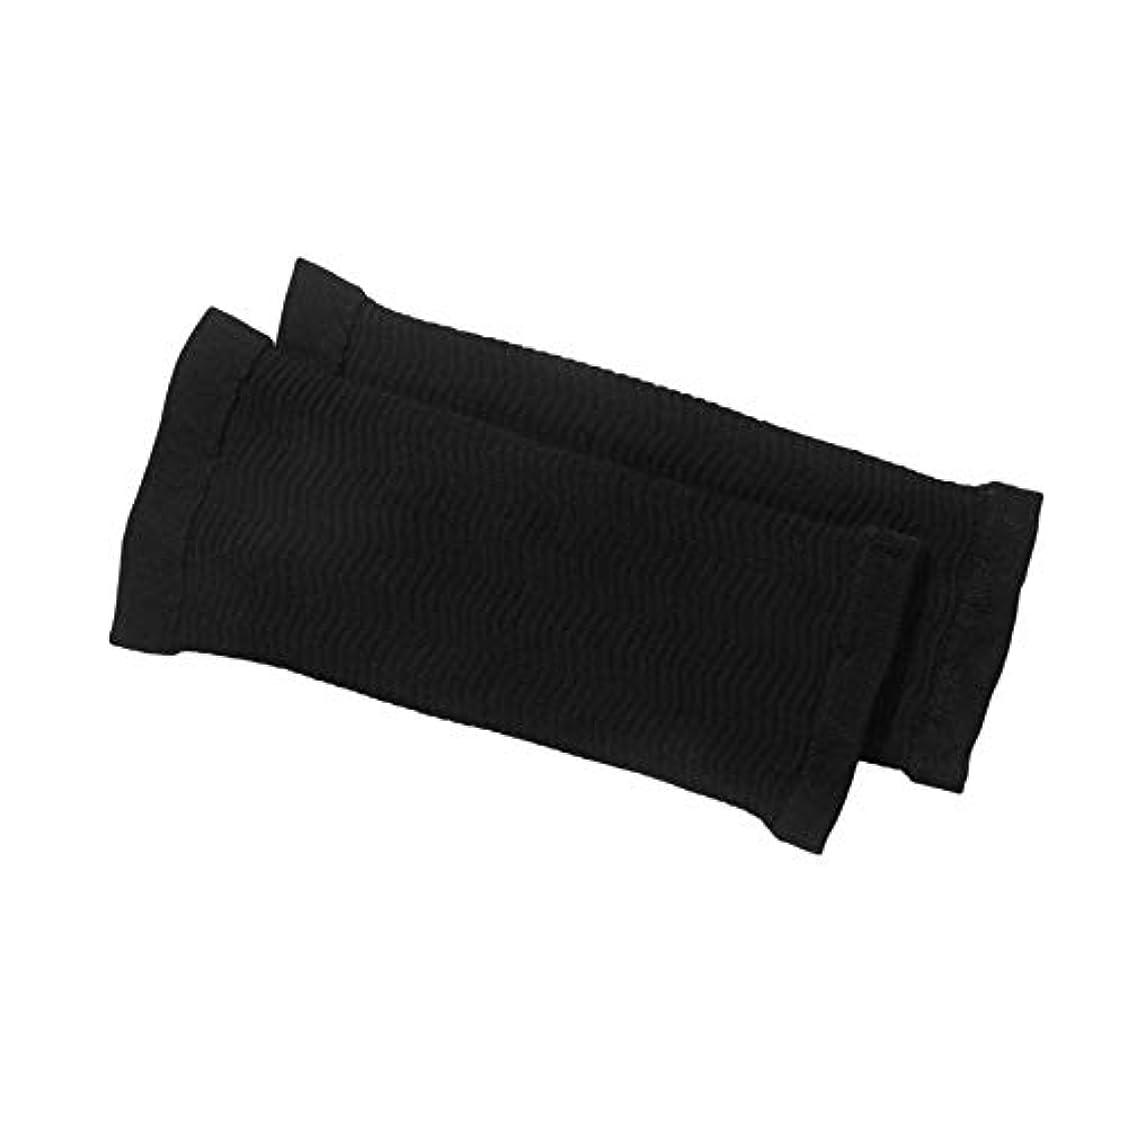 荒れ地謝罪する外出1ペア420 D圧縮痩身アームスリーブワークアウトトーニングバーンセルライトシェイパー脂肪燃焼袖用女性 - 黒